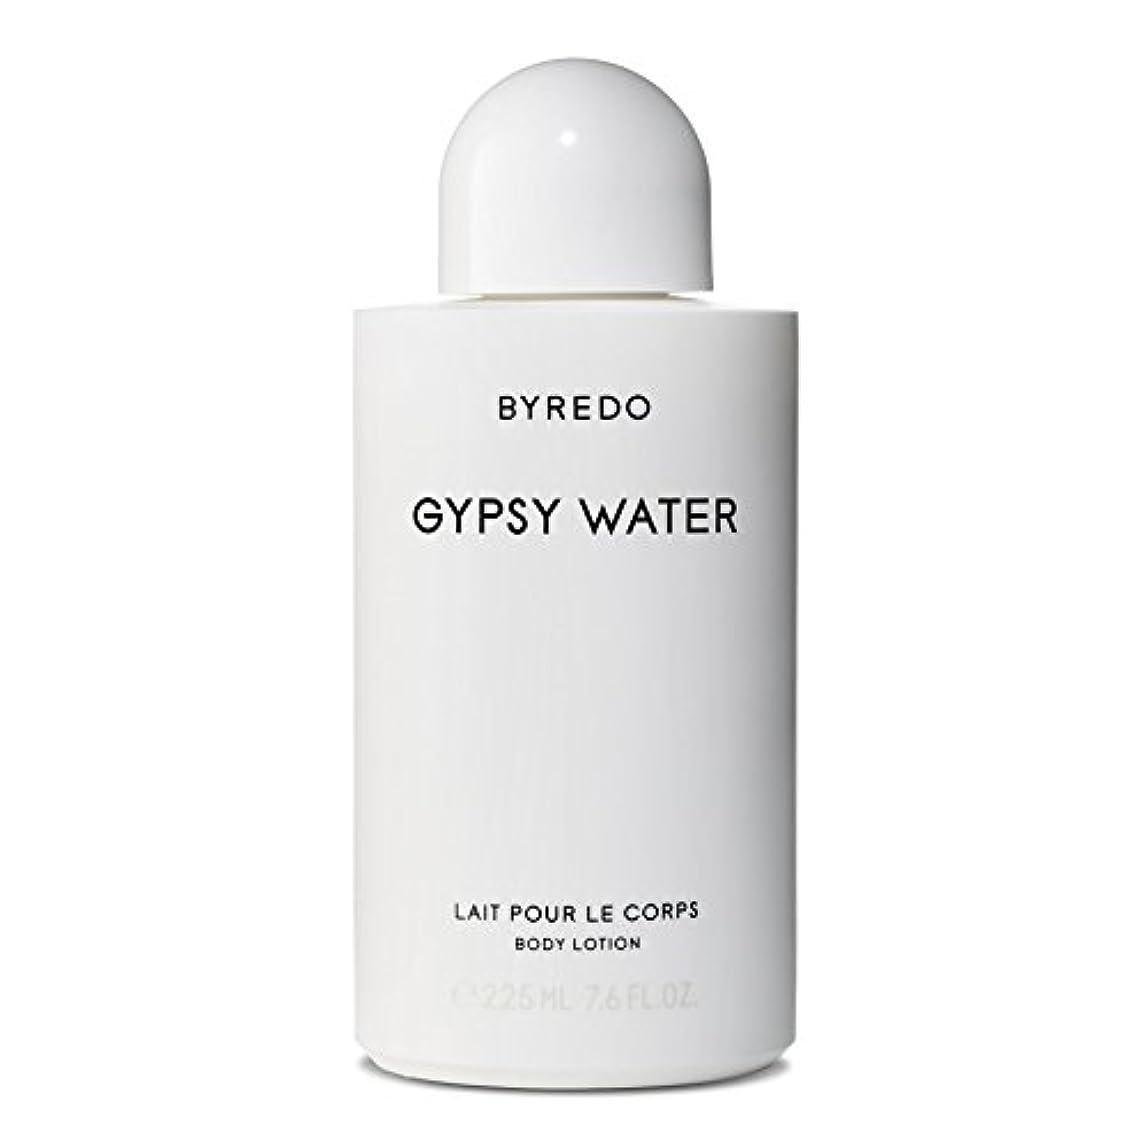 避難失望交換可能Byredo Gypsy Water Body Lotion 225ml - ジプシー水ボディローション225ミリリットル [並行輸入品]